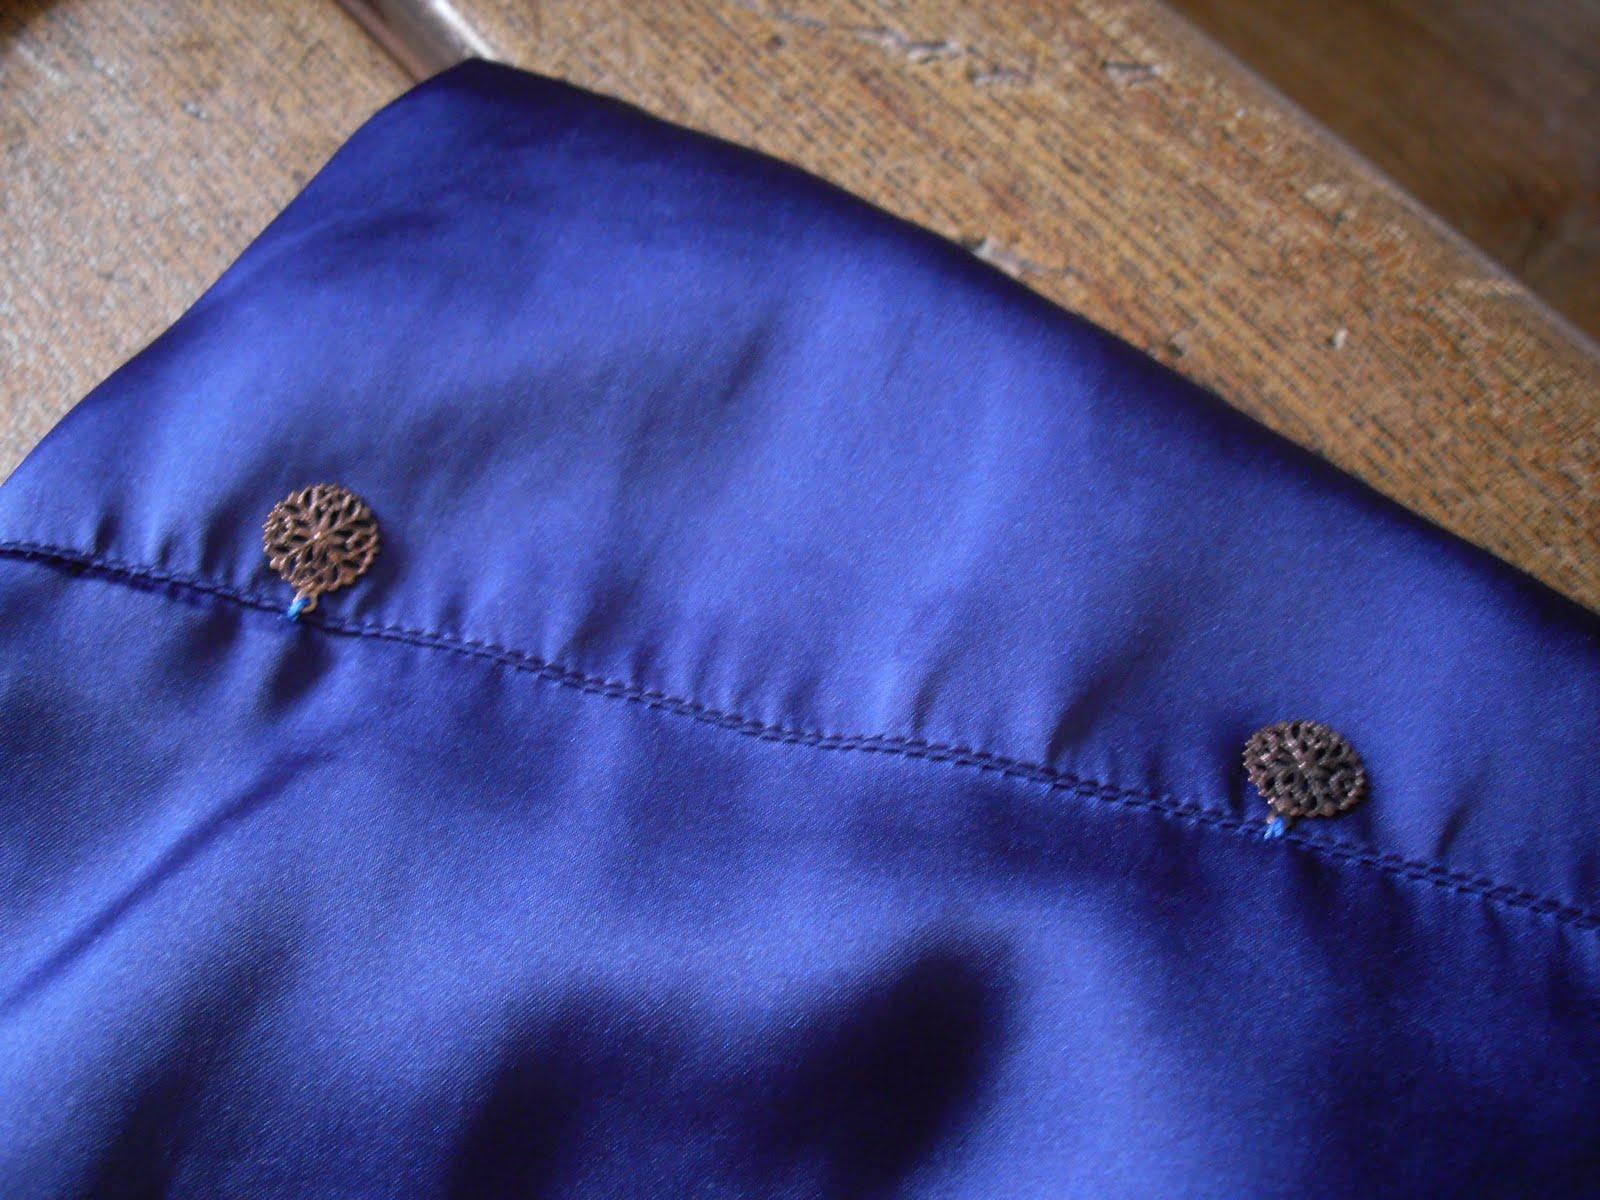 le blog de by pimprenelle breloques et strass touche personnelle sur une robe qui en aura fait. Black Bedroom Furniture Sets. Home Design Ideas